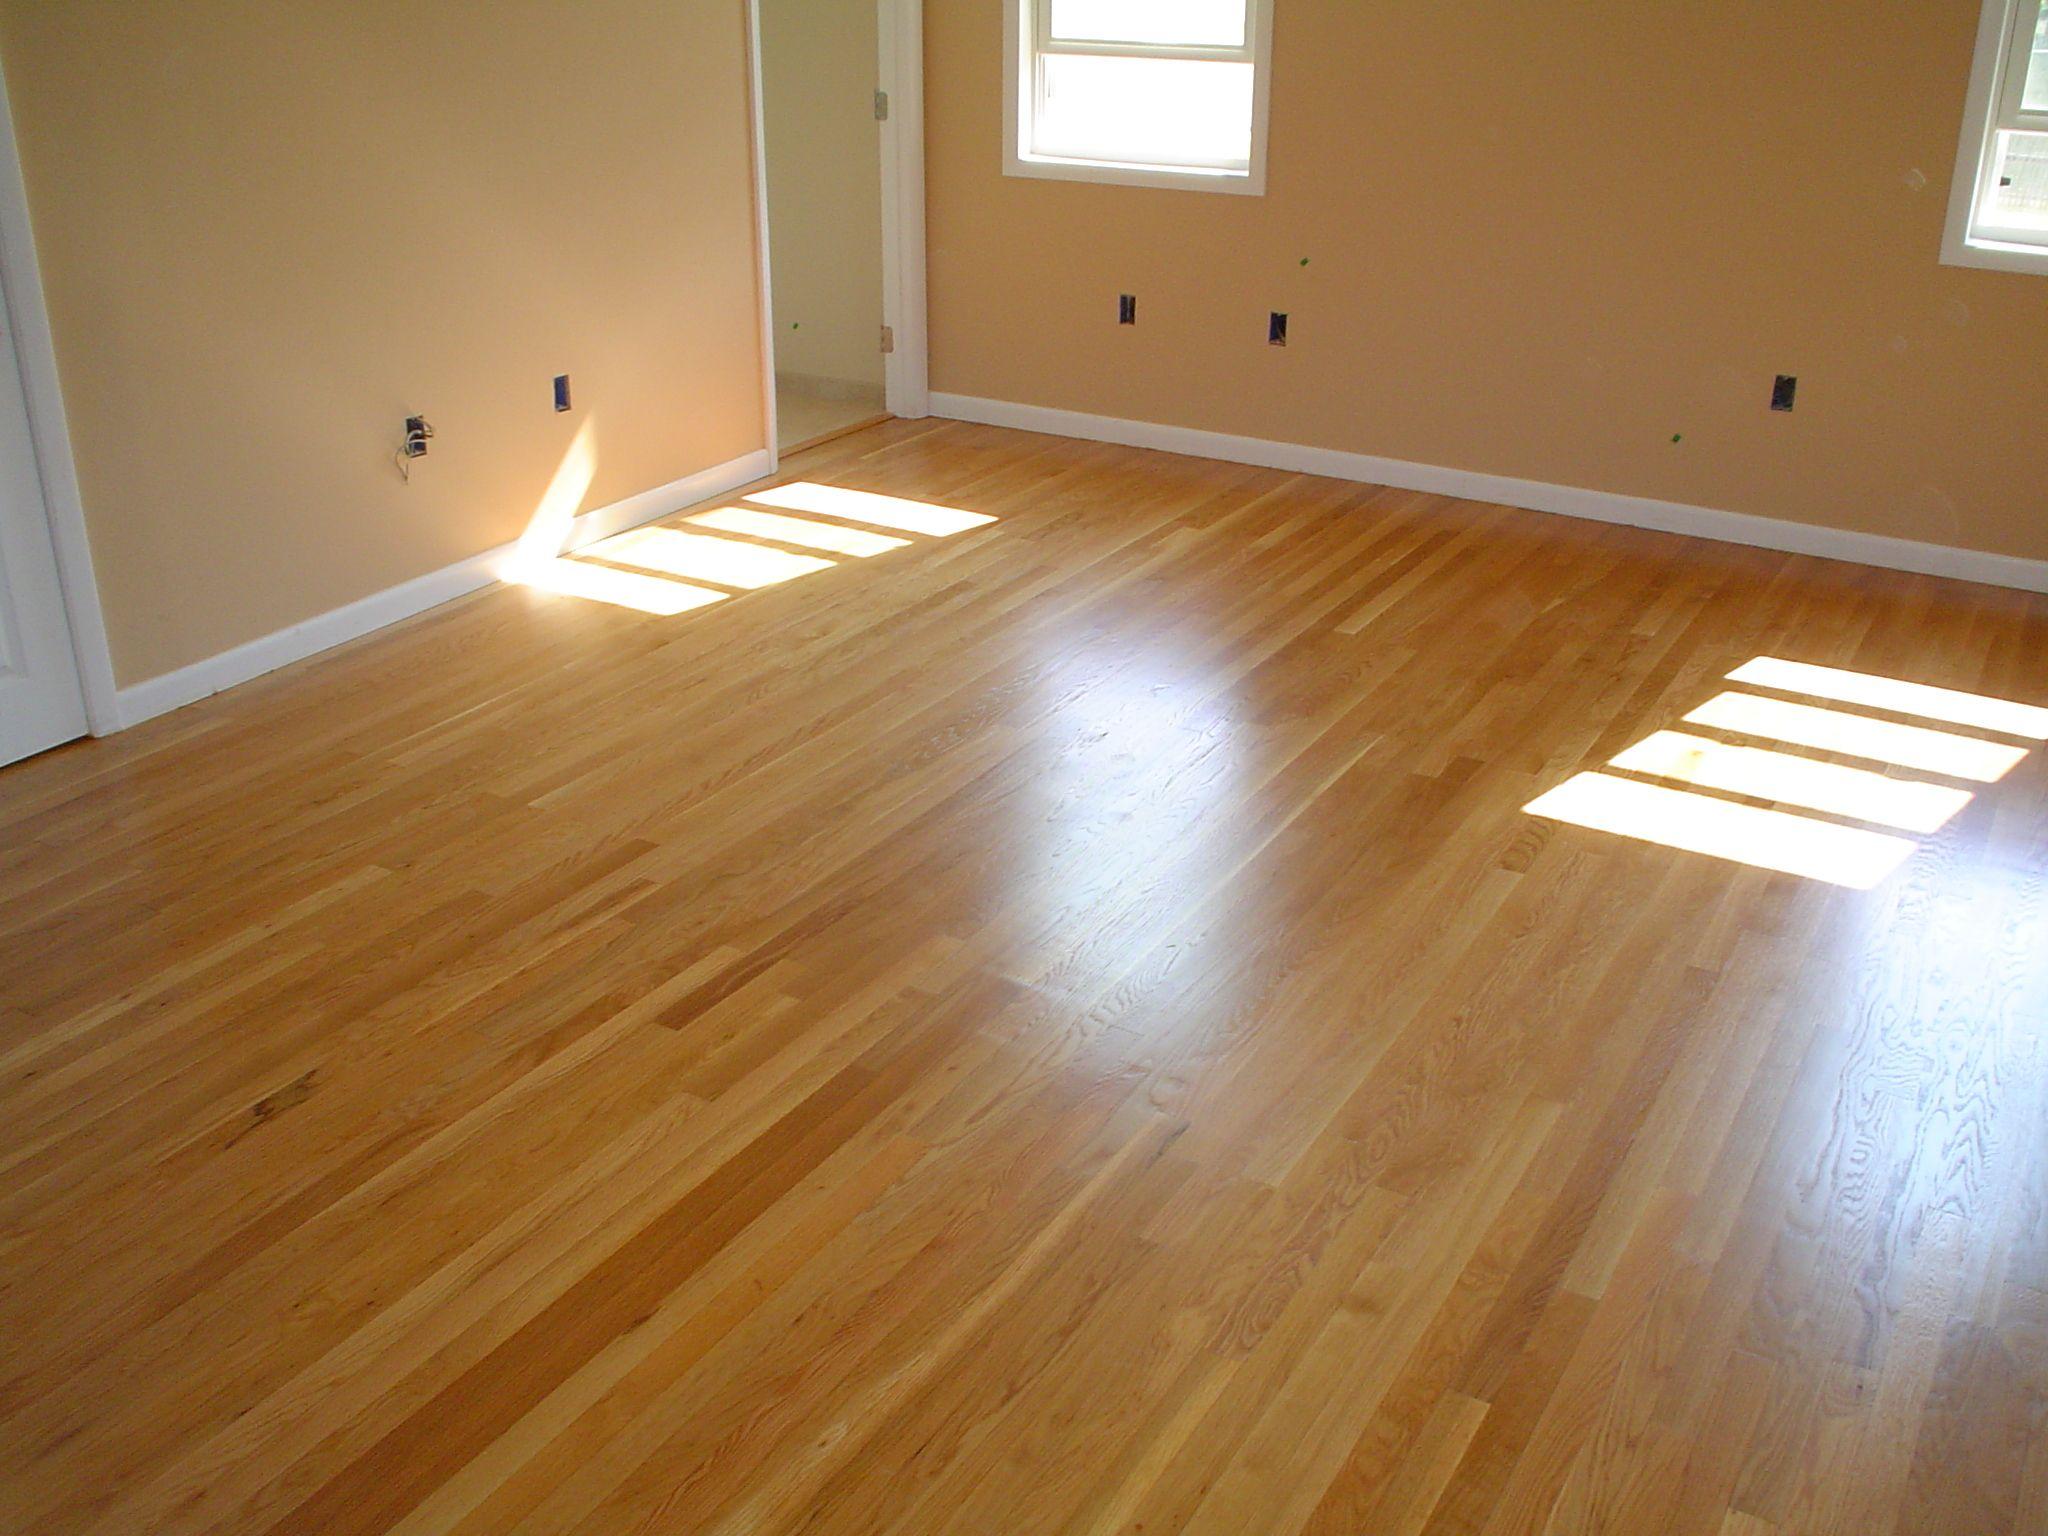 Minwax golden oak on oak Golden oak floors, Hardwood